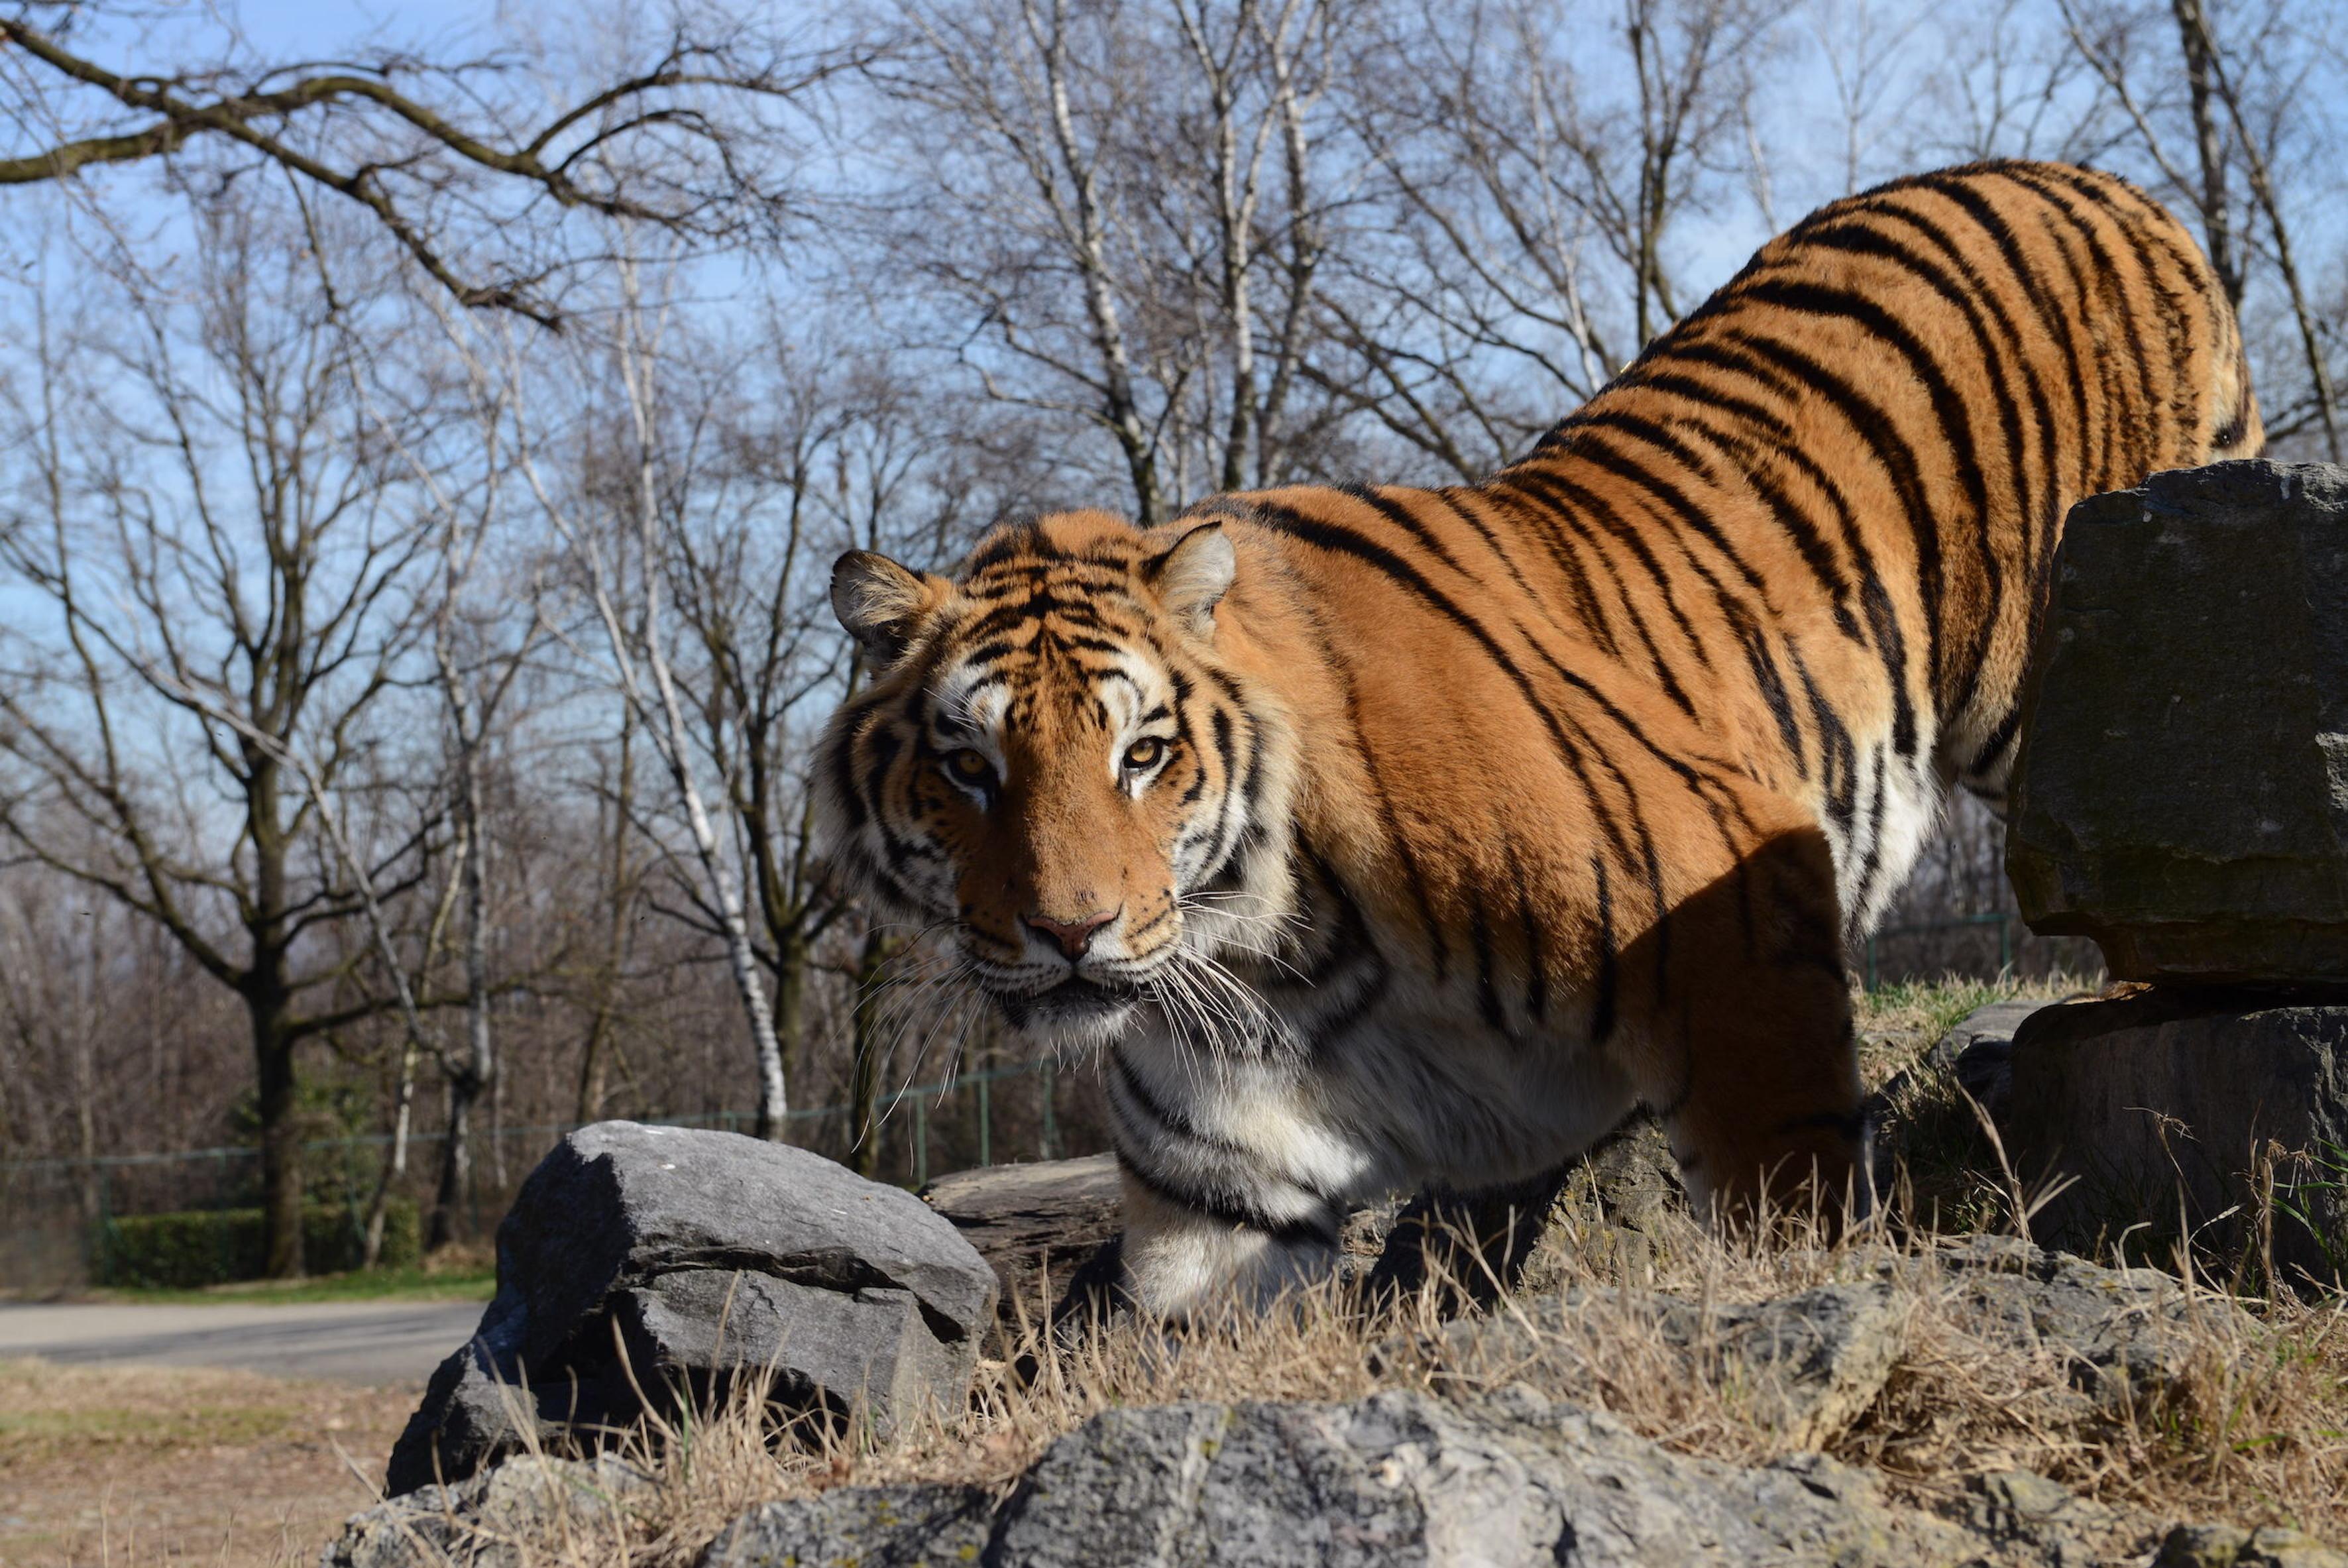 safari-park-pombia-no-ci-si-diverte-giostre-leoni-spettacoli